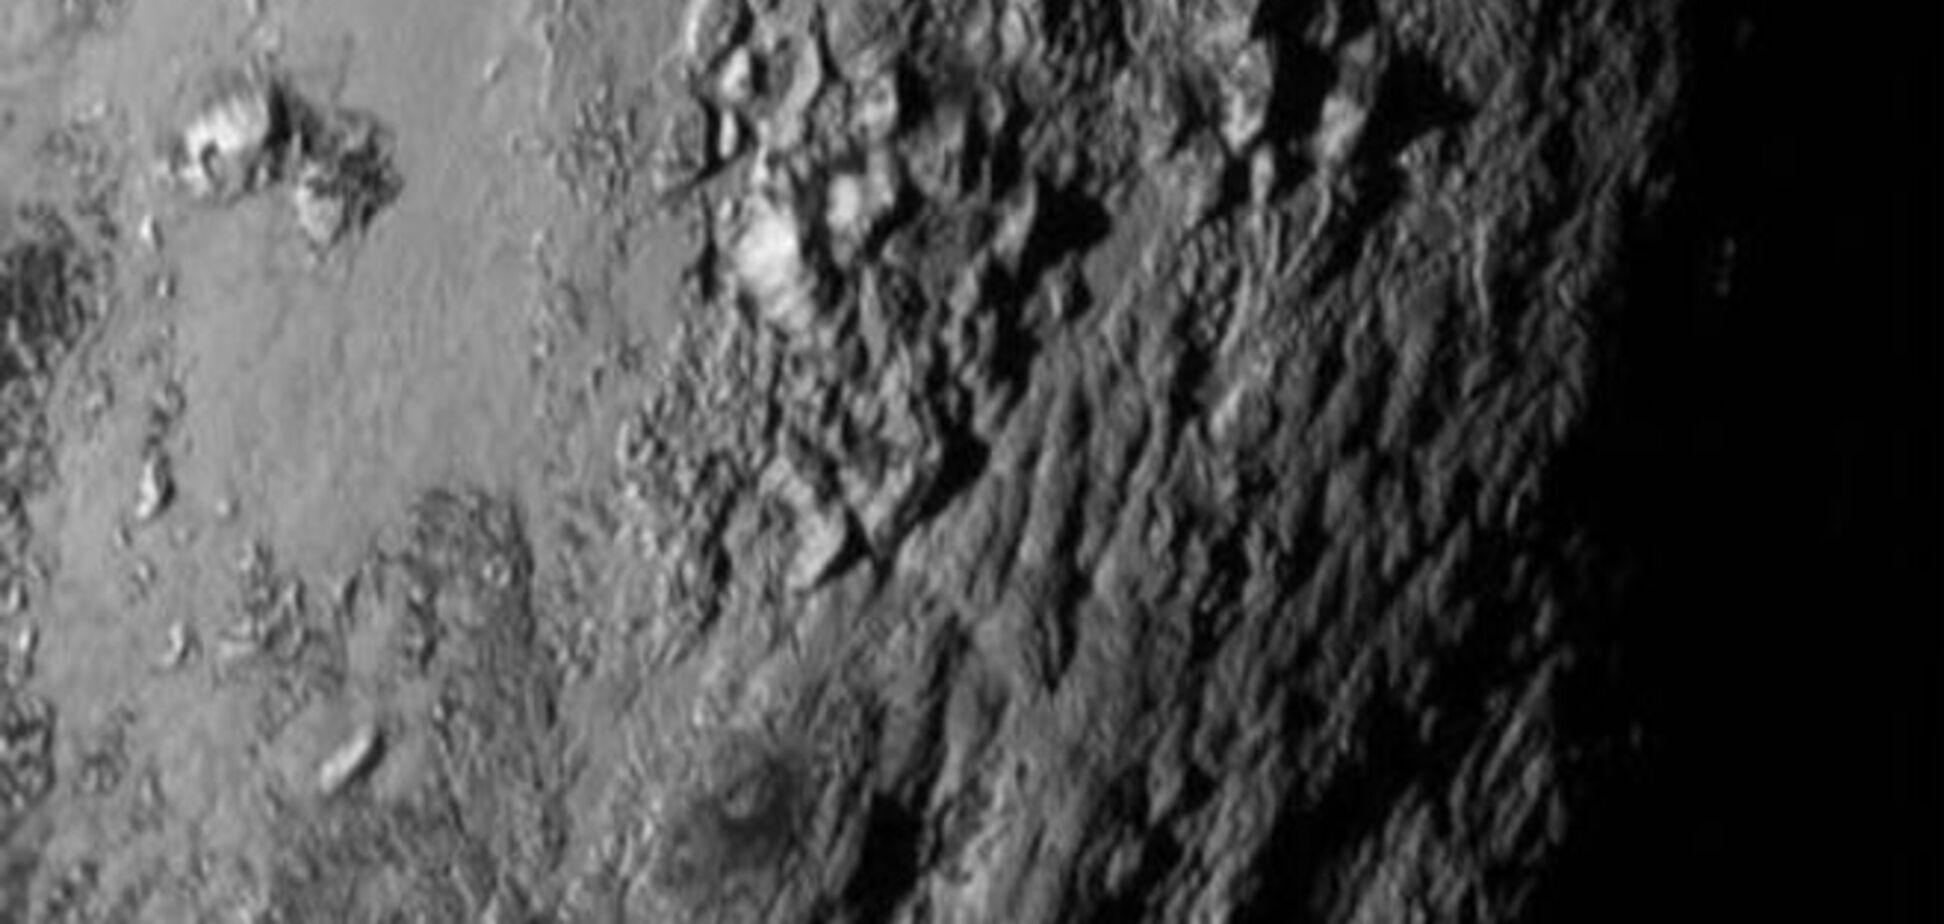 Зонд НАСА знайшов на поверхні Плутона велику закрижанілу ділянку